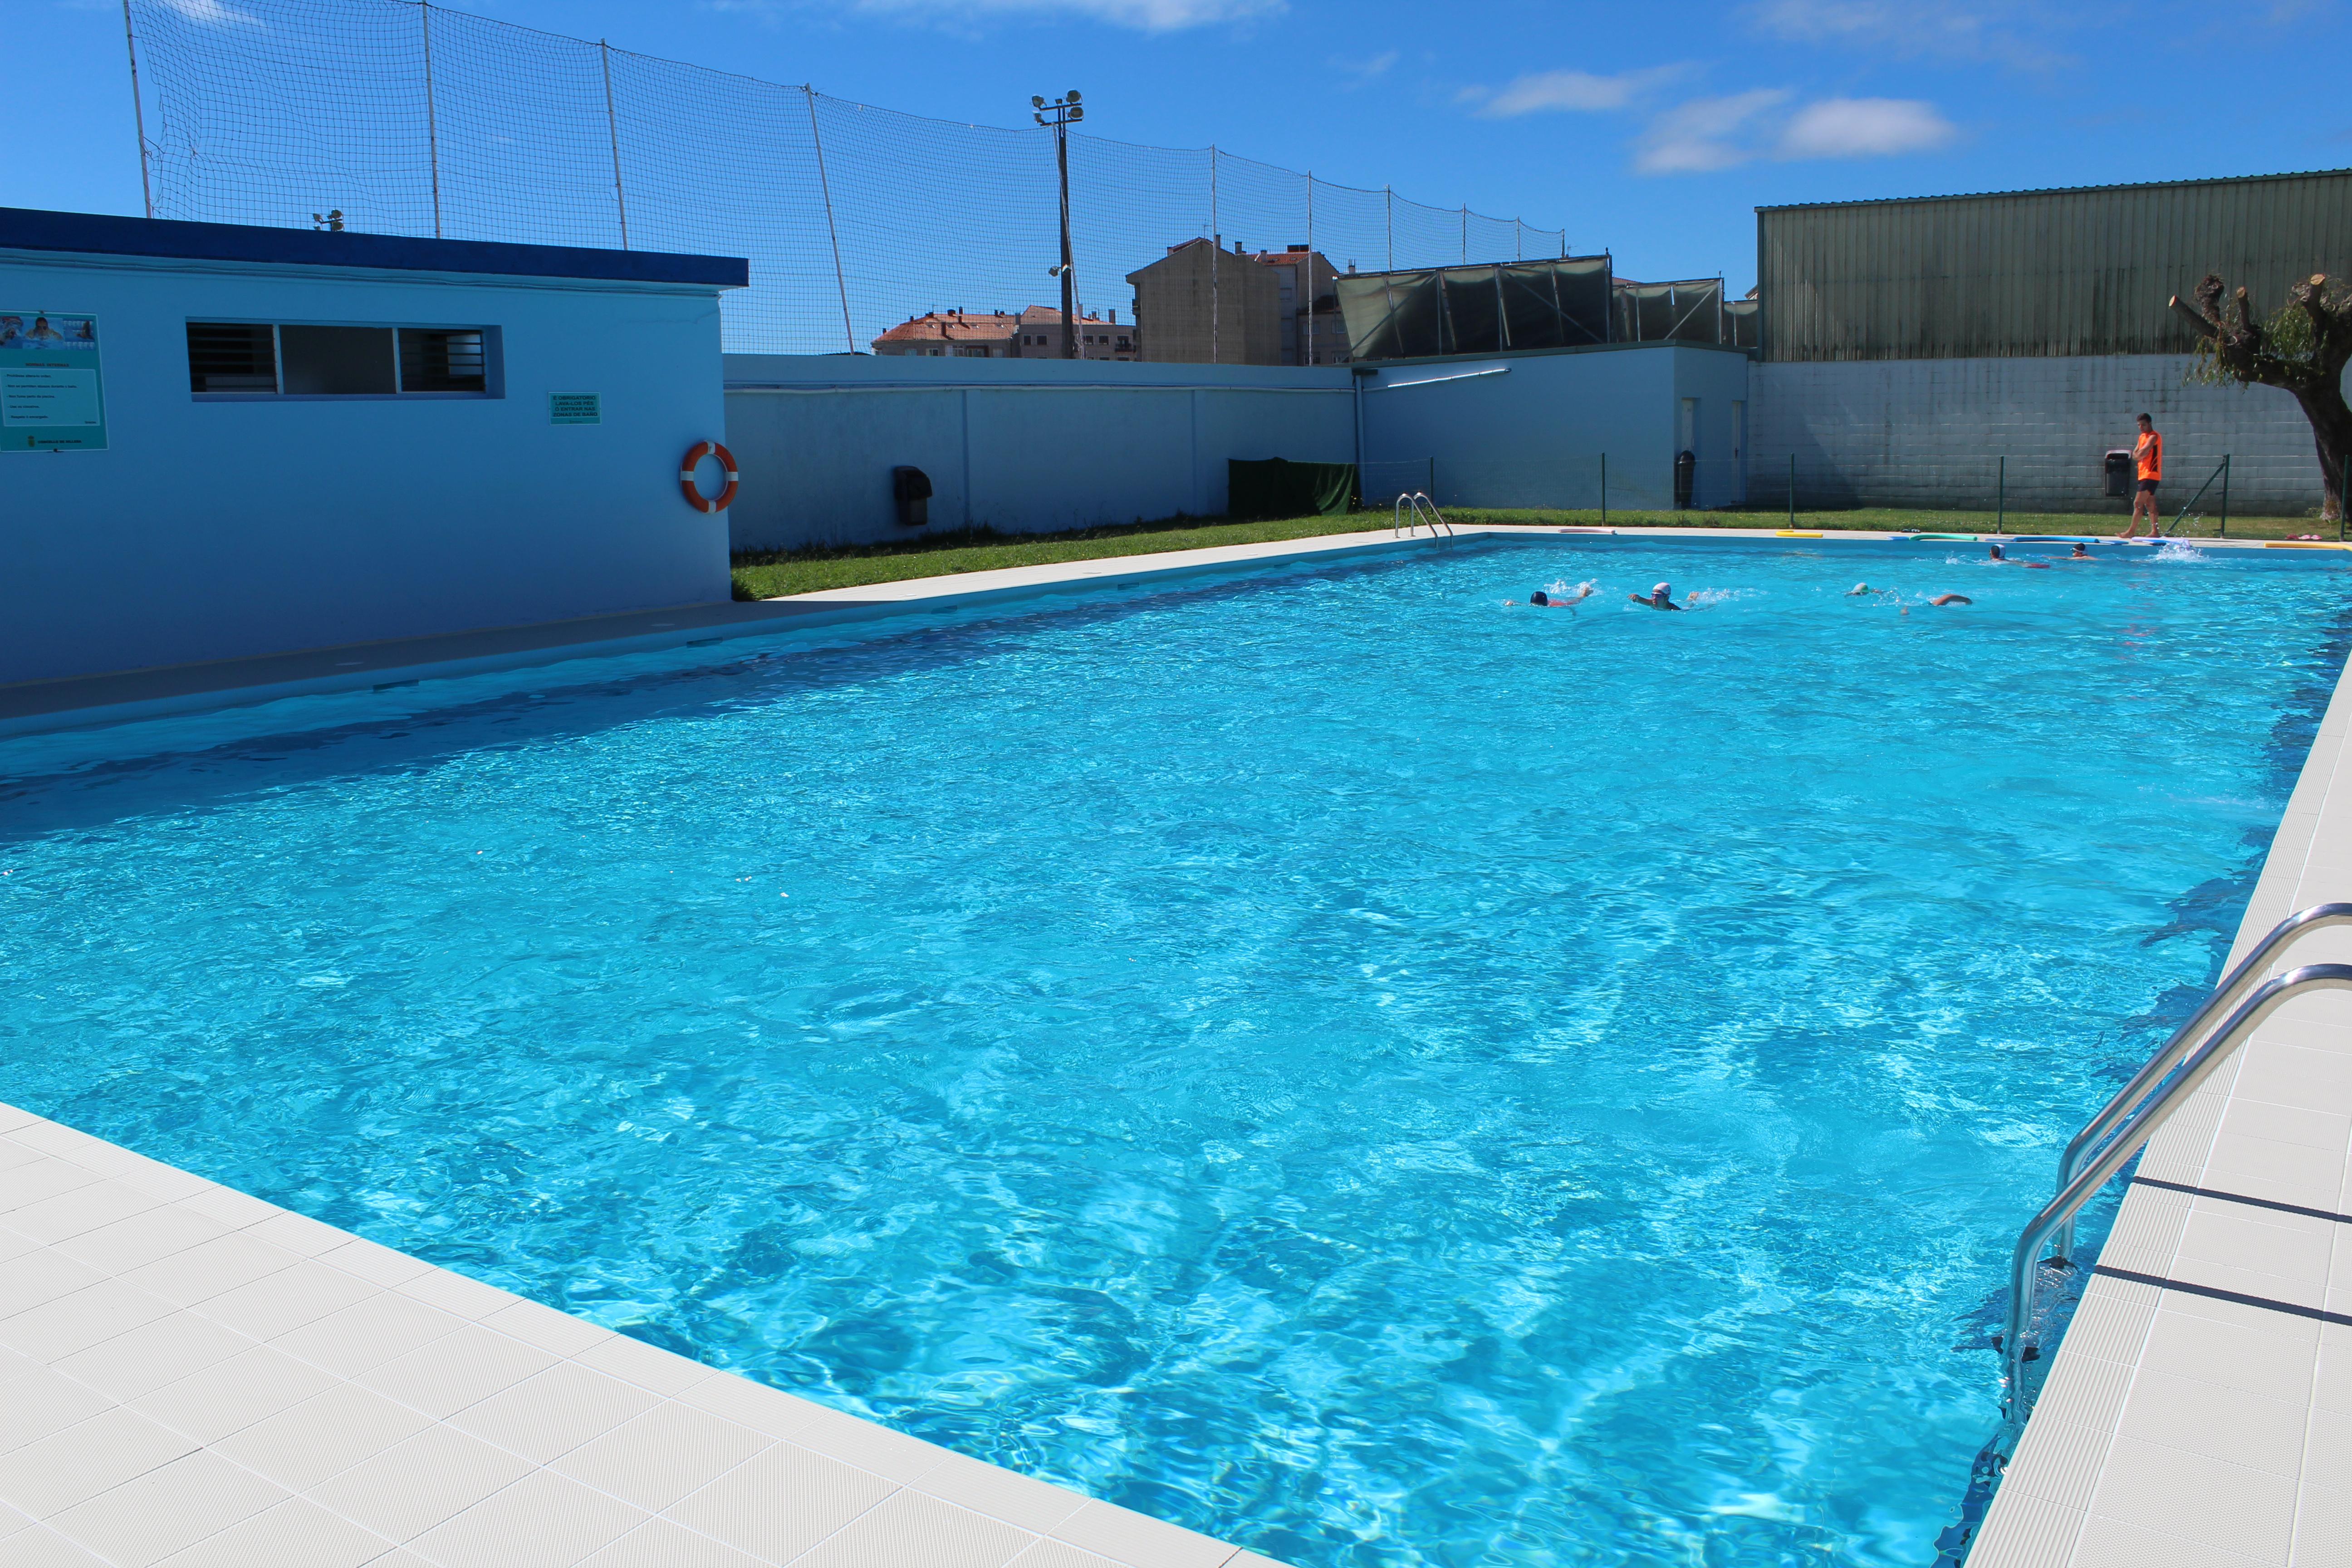 O Concello de Silleda abrirá as piscinas ao público o vindeiro mércores 1 de xullo